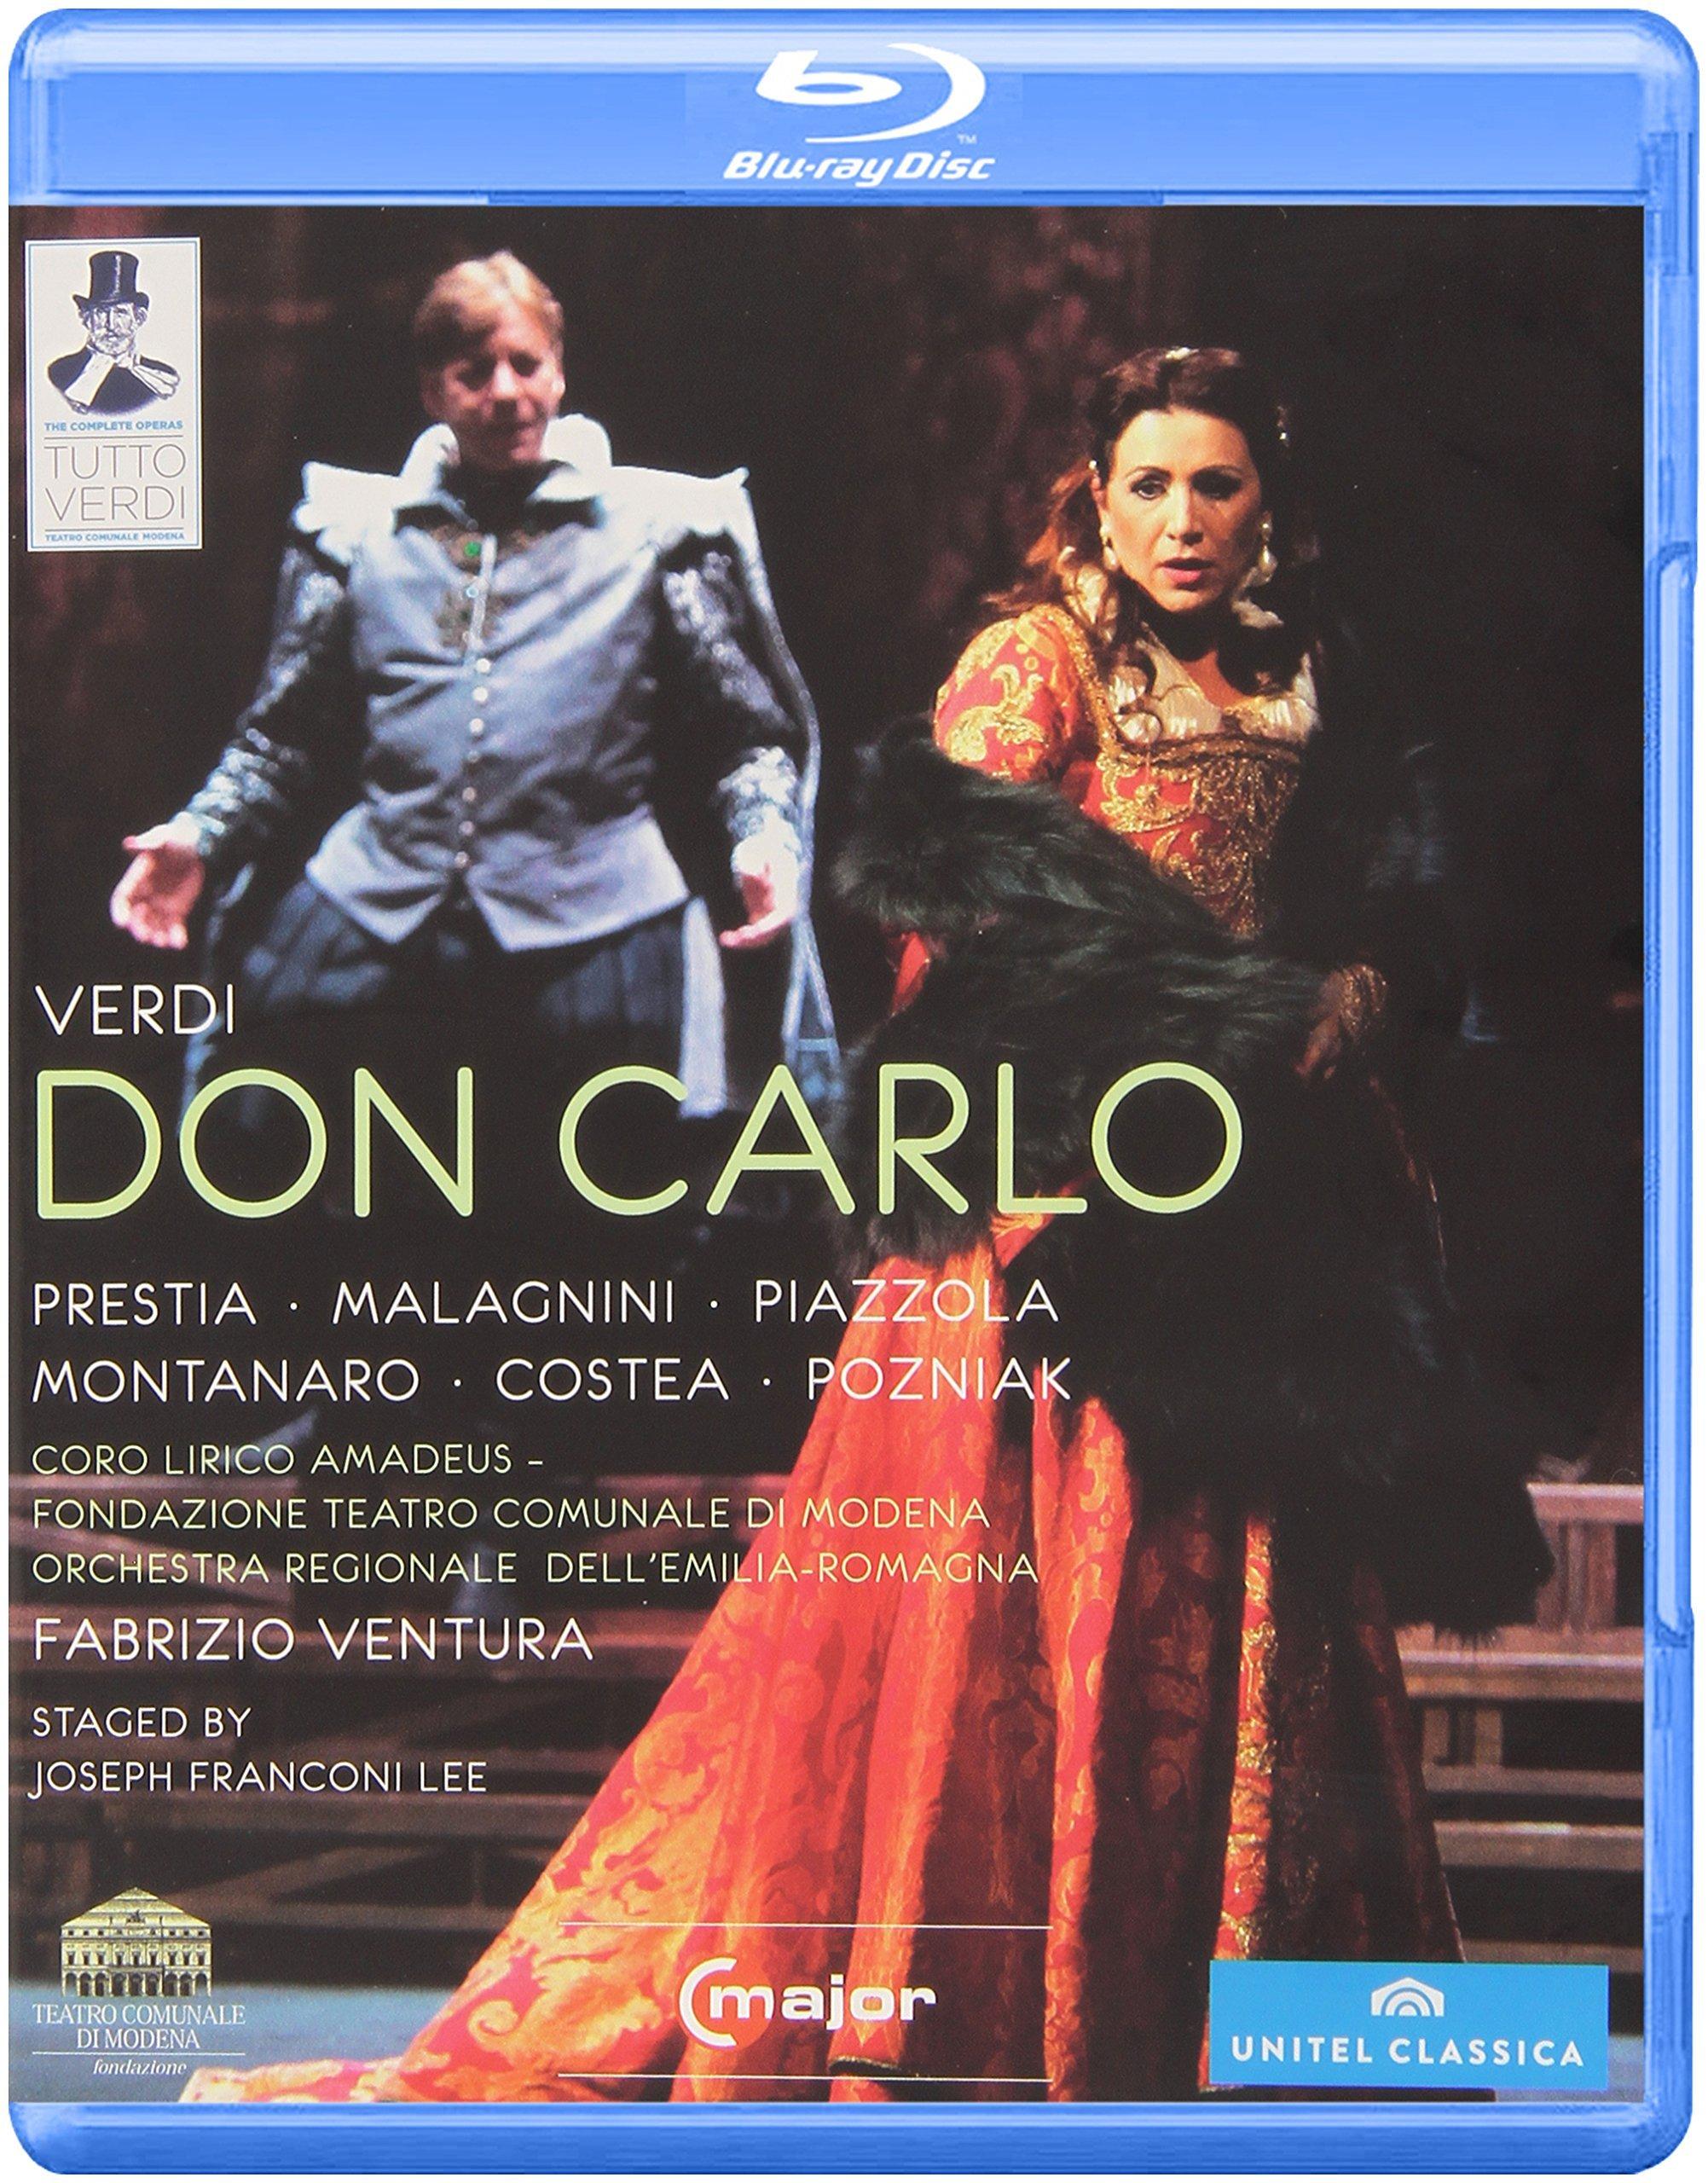 Fabrizio Ventura - Don Carlo (Blu-ray)